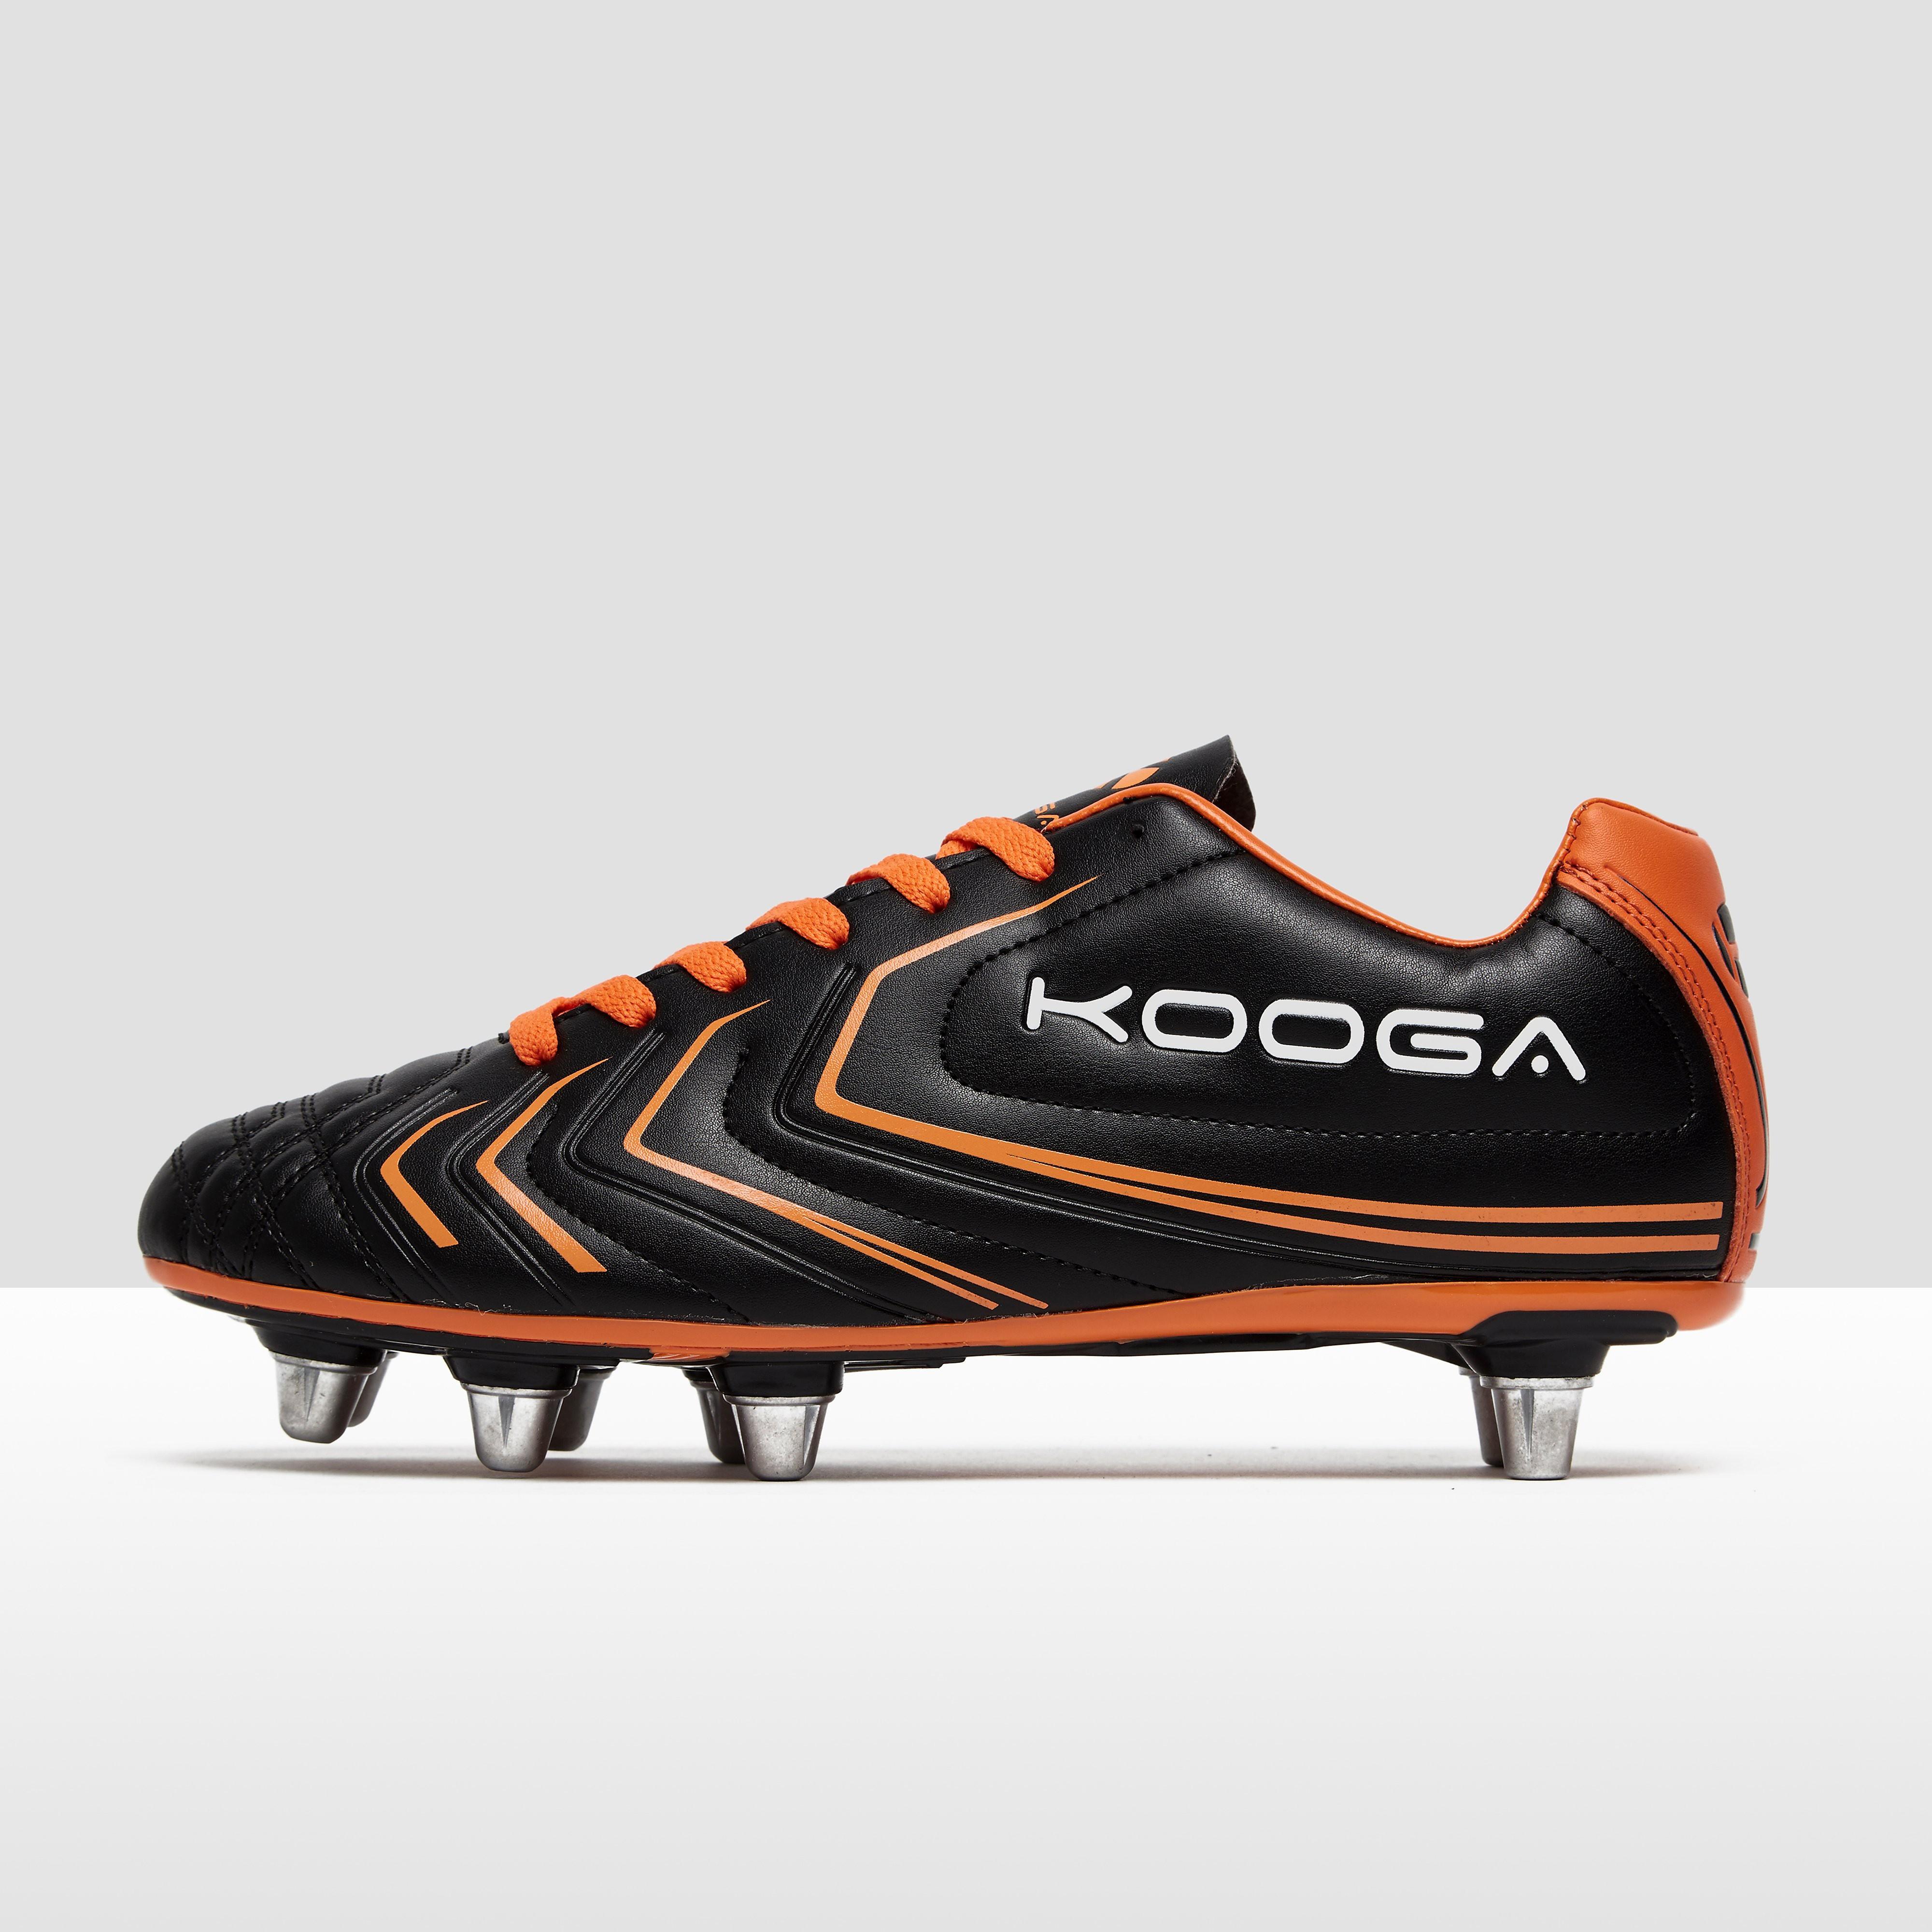 KooGa WARRIOR 2 Men's Rugby Boots